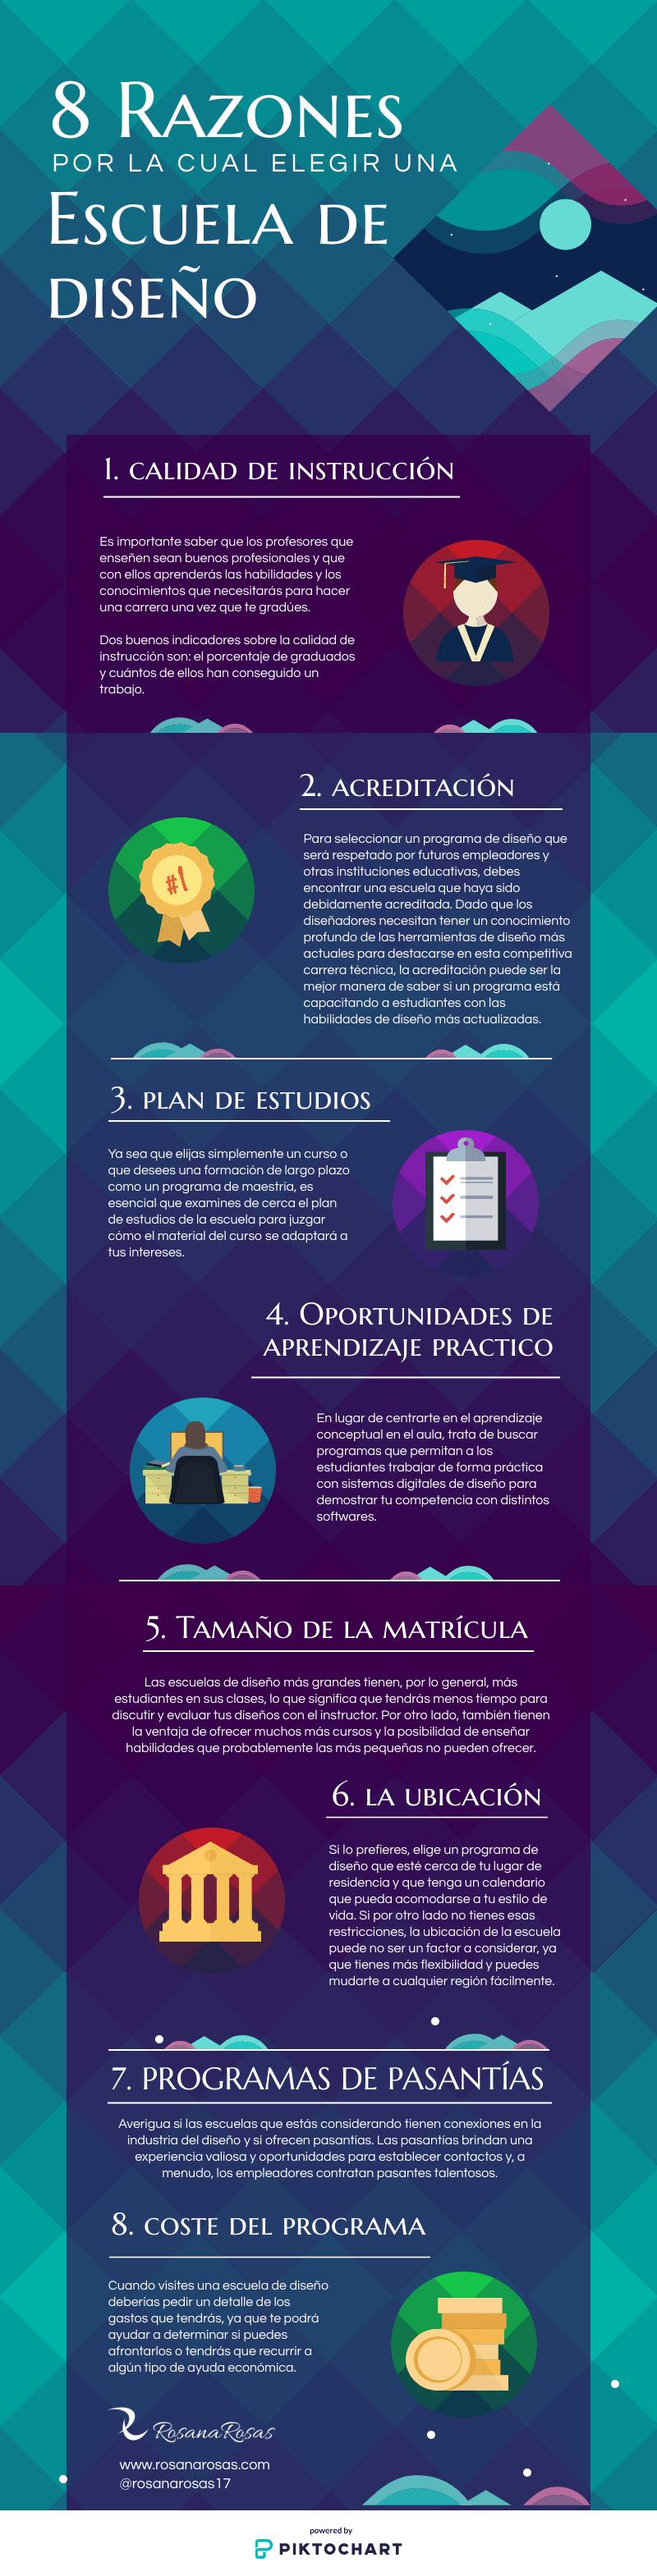 infografia razones para elegir una escuela de diseño